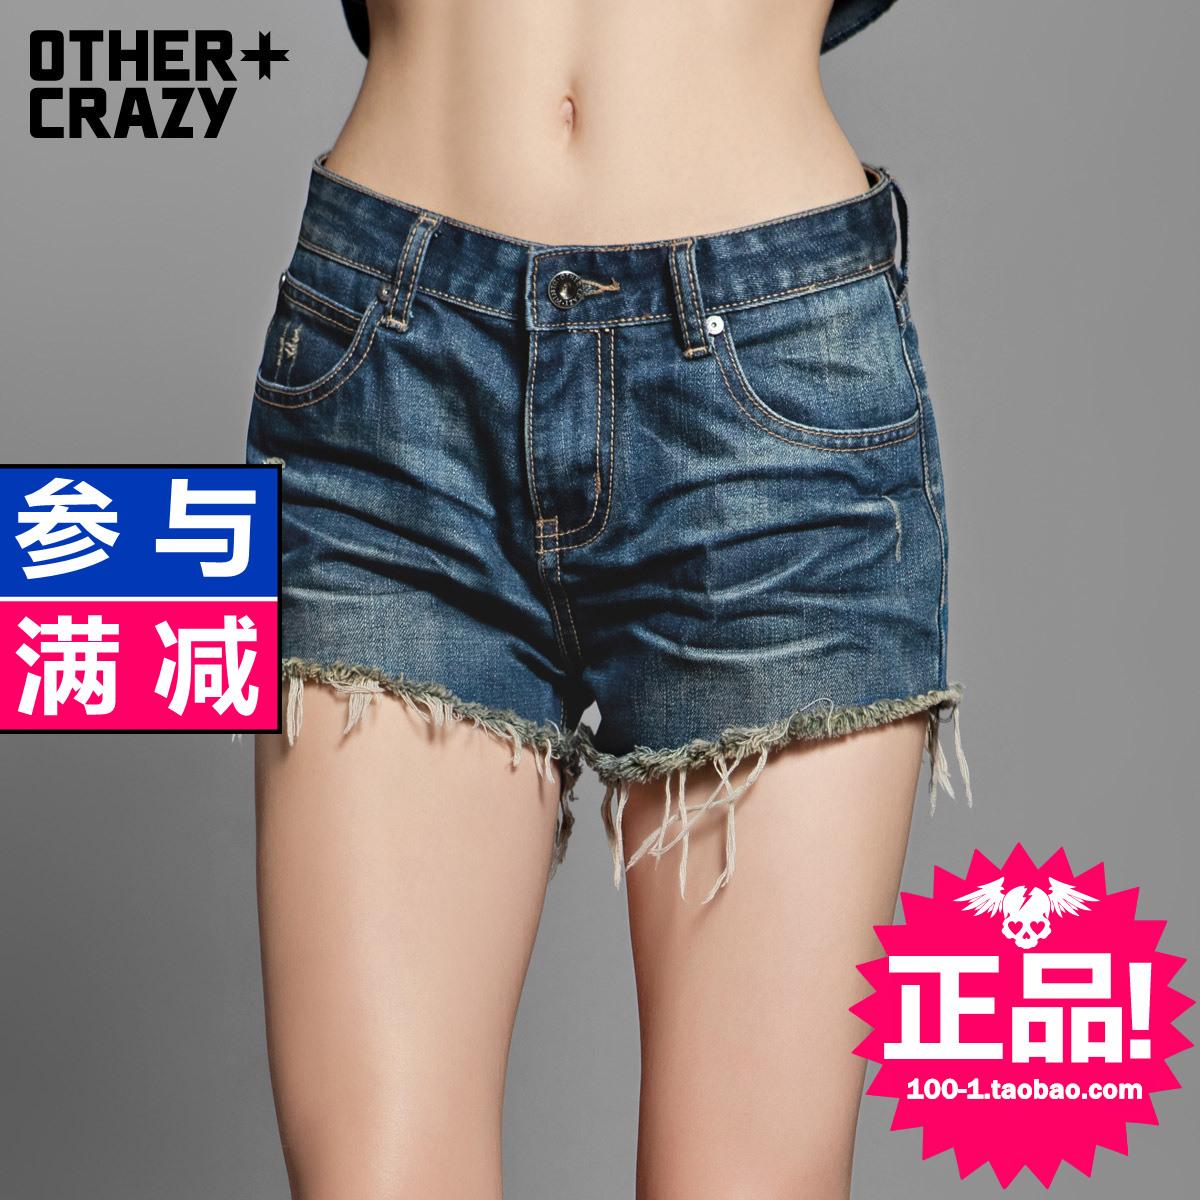 Женские брюки Othercrazy 25f1203 Шорты, мини-шорты Другая форма брюк Городской стиль 2013 года Разное Окрашено под старину